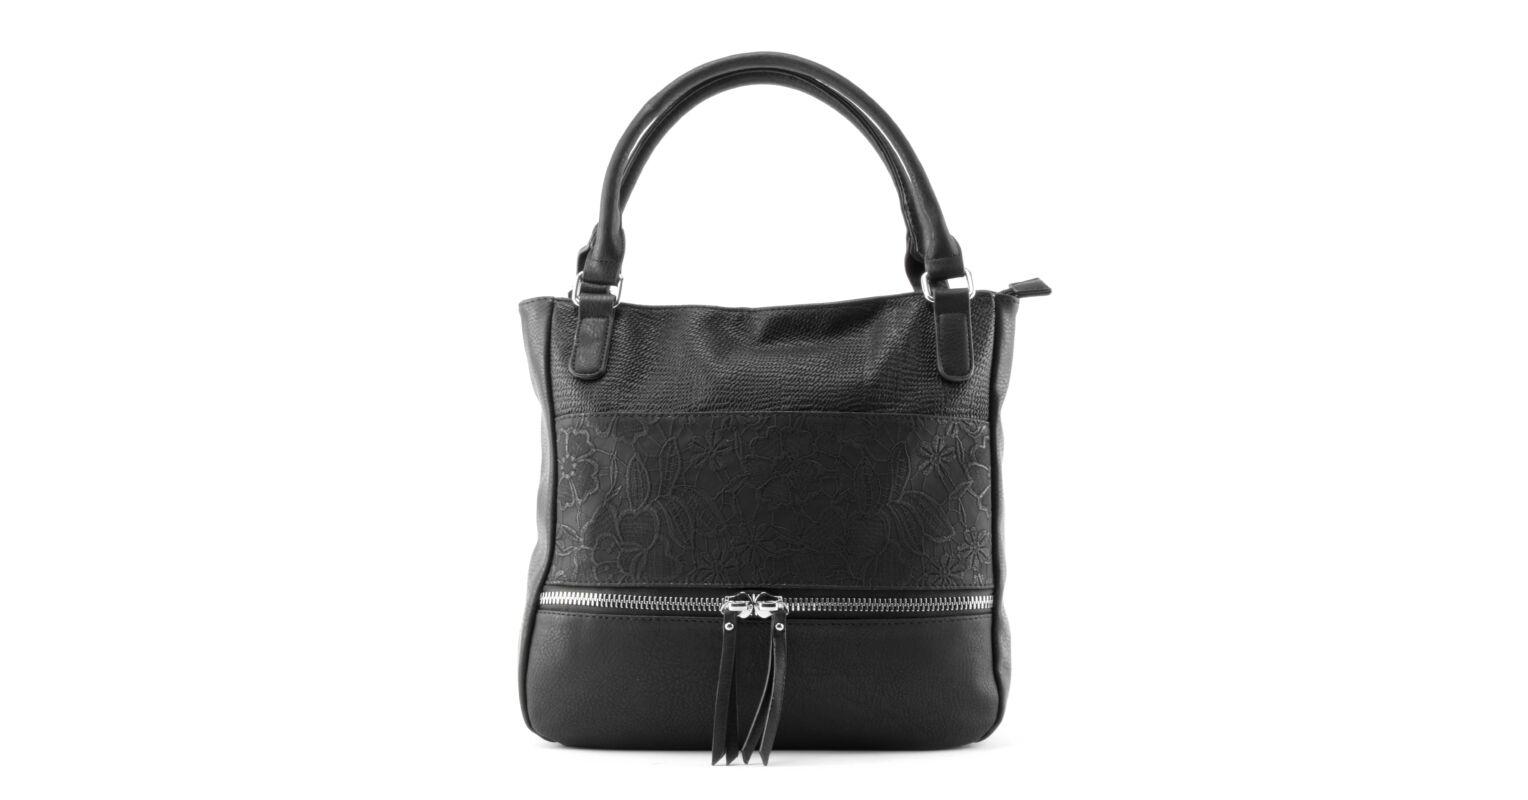 974496287fc8 Fekete Női Virágos Műbőr Válltáska - Válltáskák - Táska webáruház -  Minőségi táskák mindenkinek